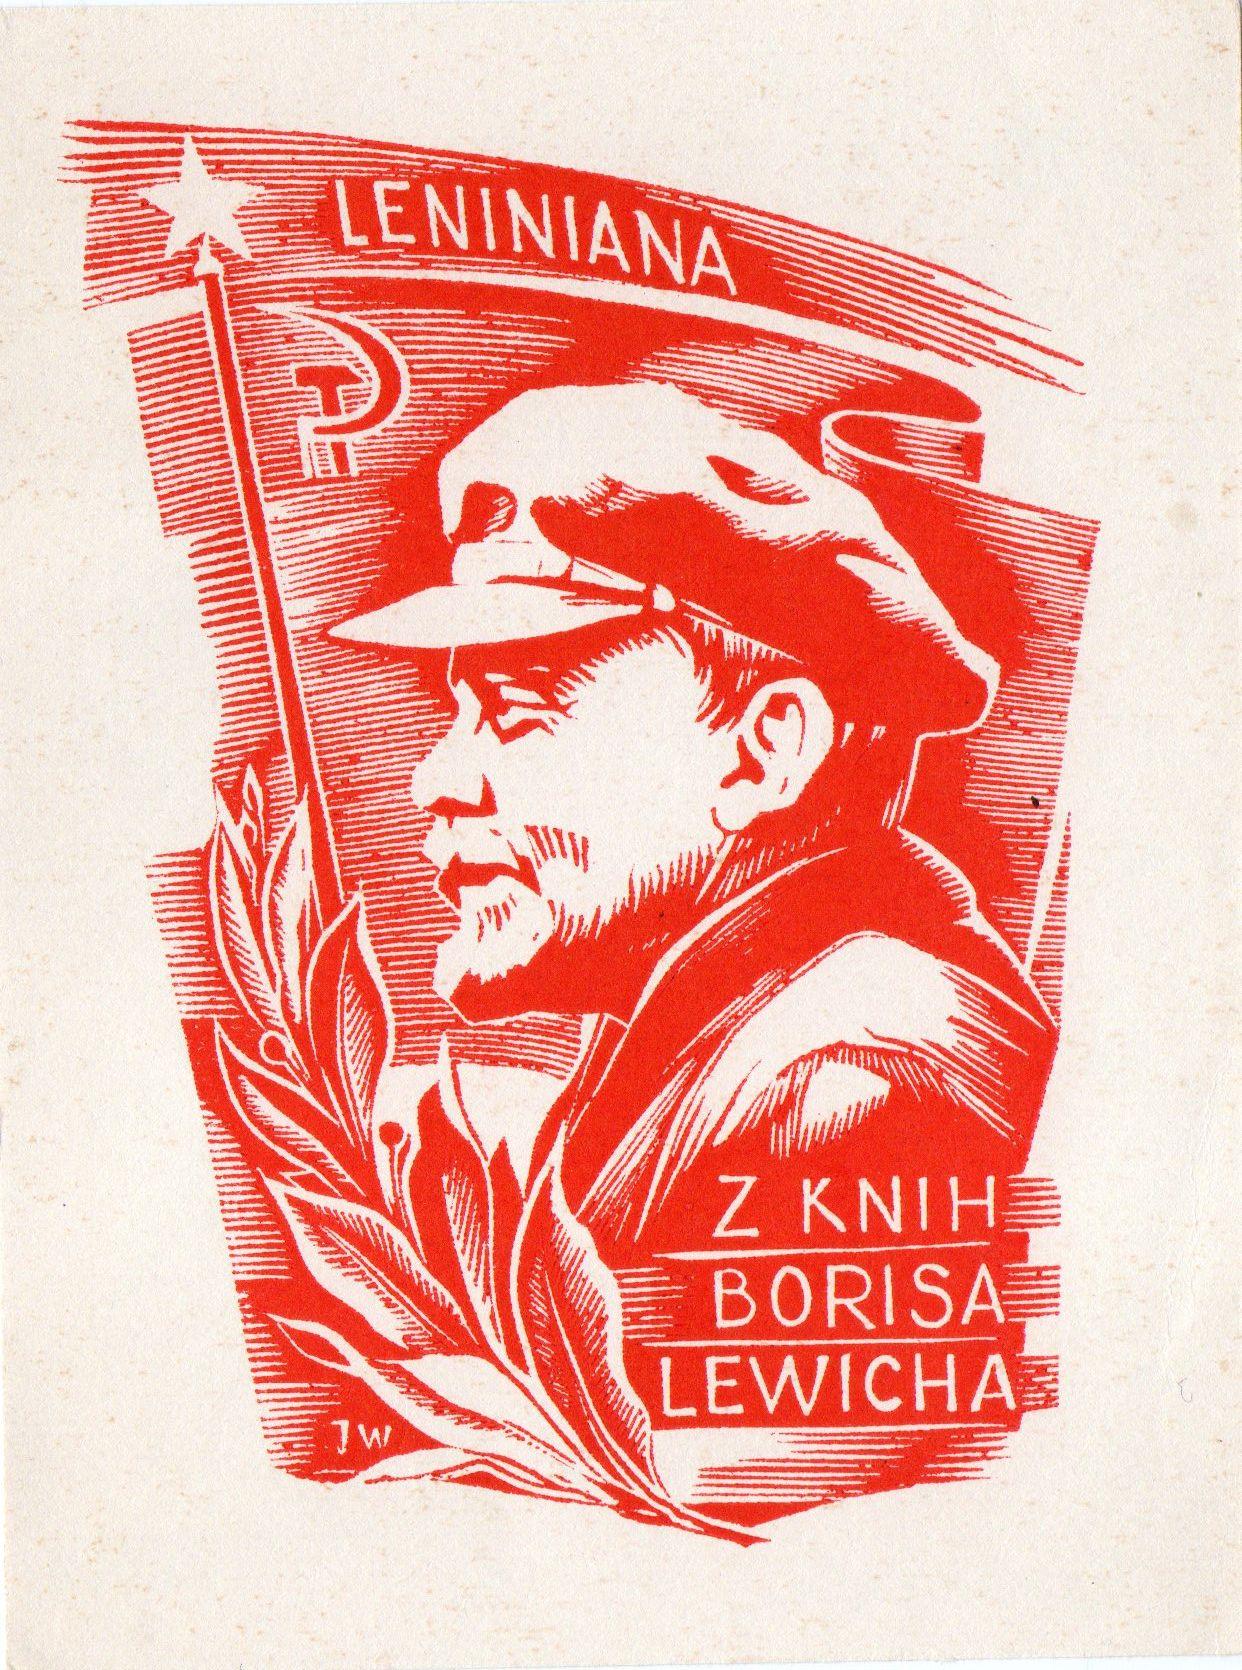 """Графіка. Екслібрис. """"Ленініана. З книг Бориса Левиха"""". Серія """"Ленініана""""."""